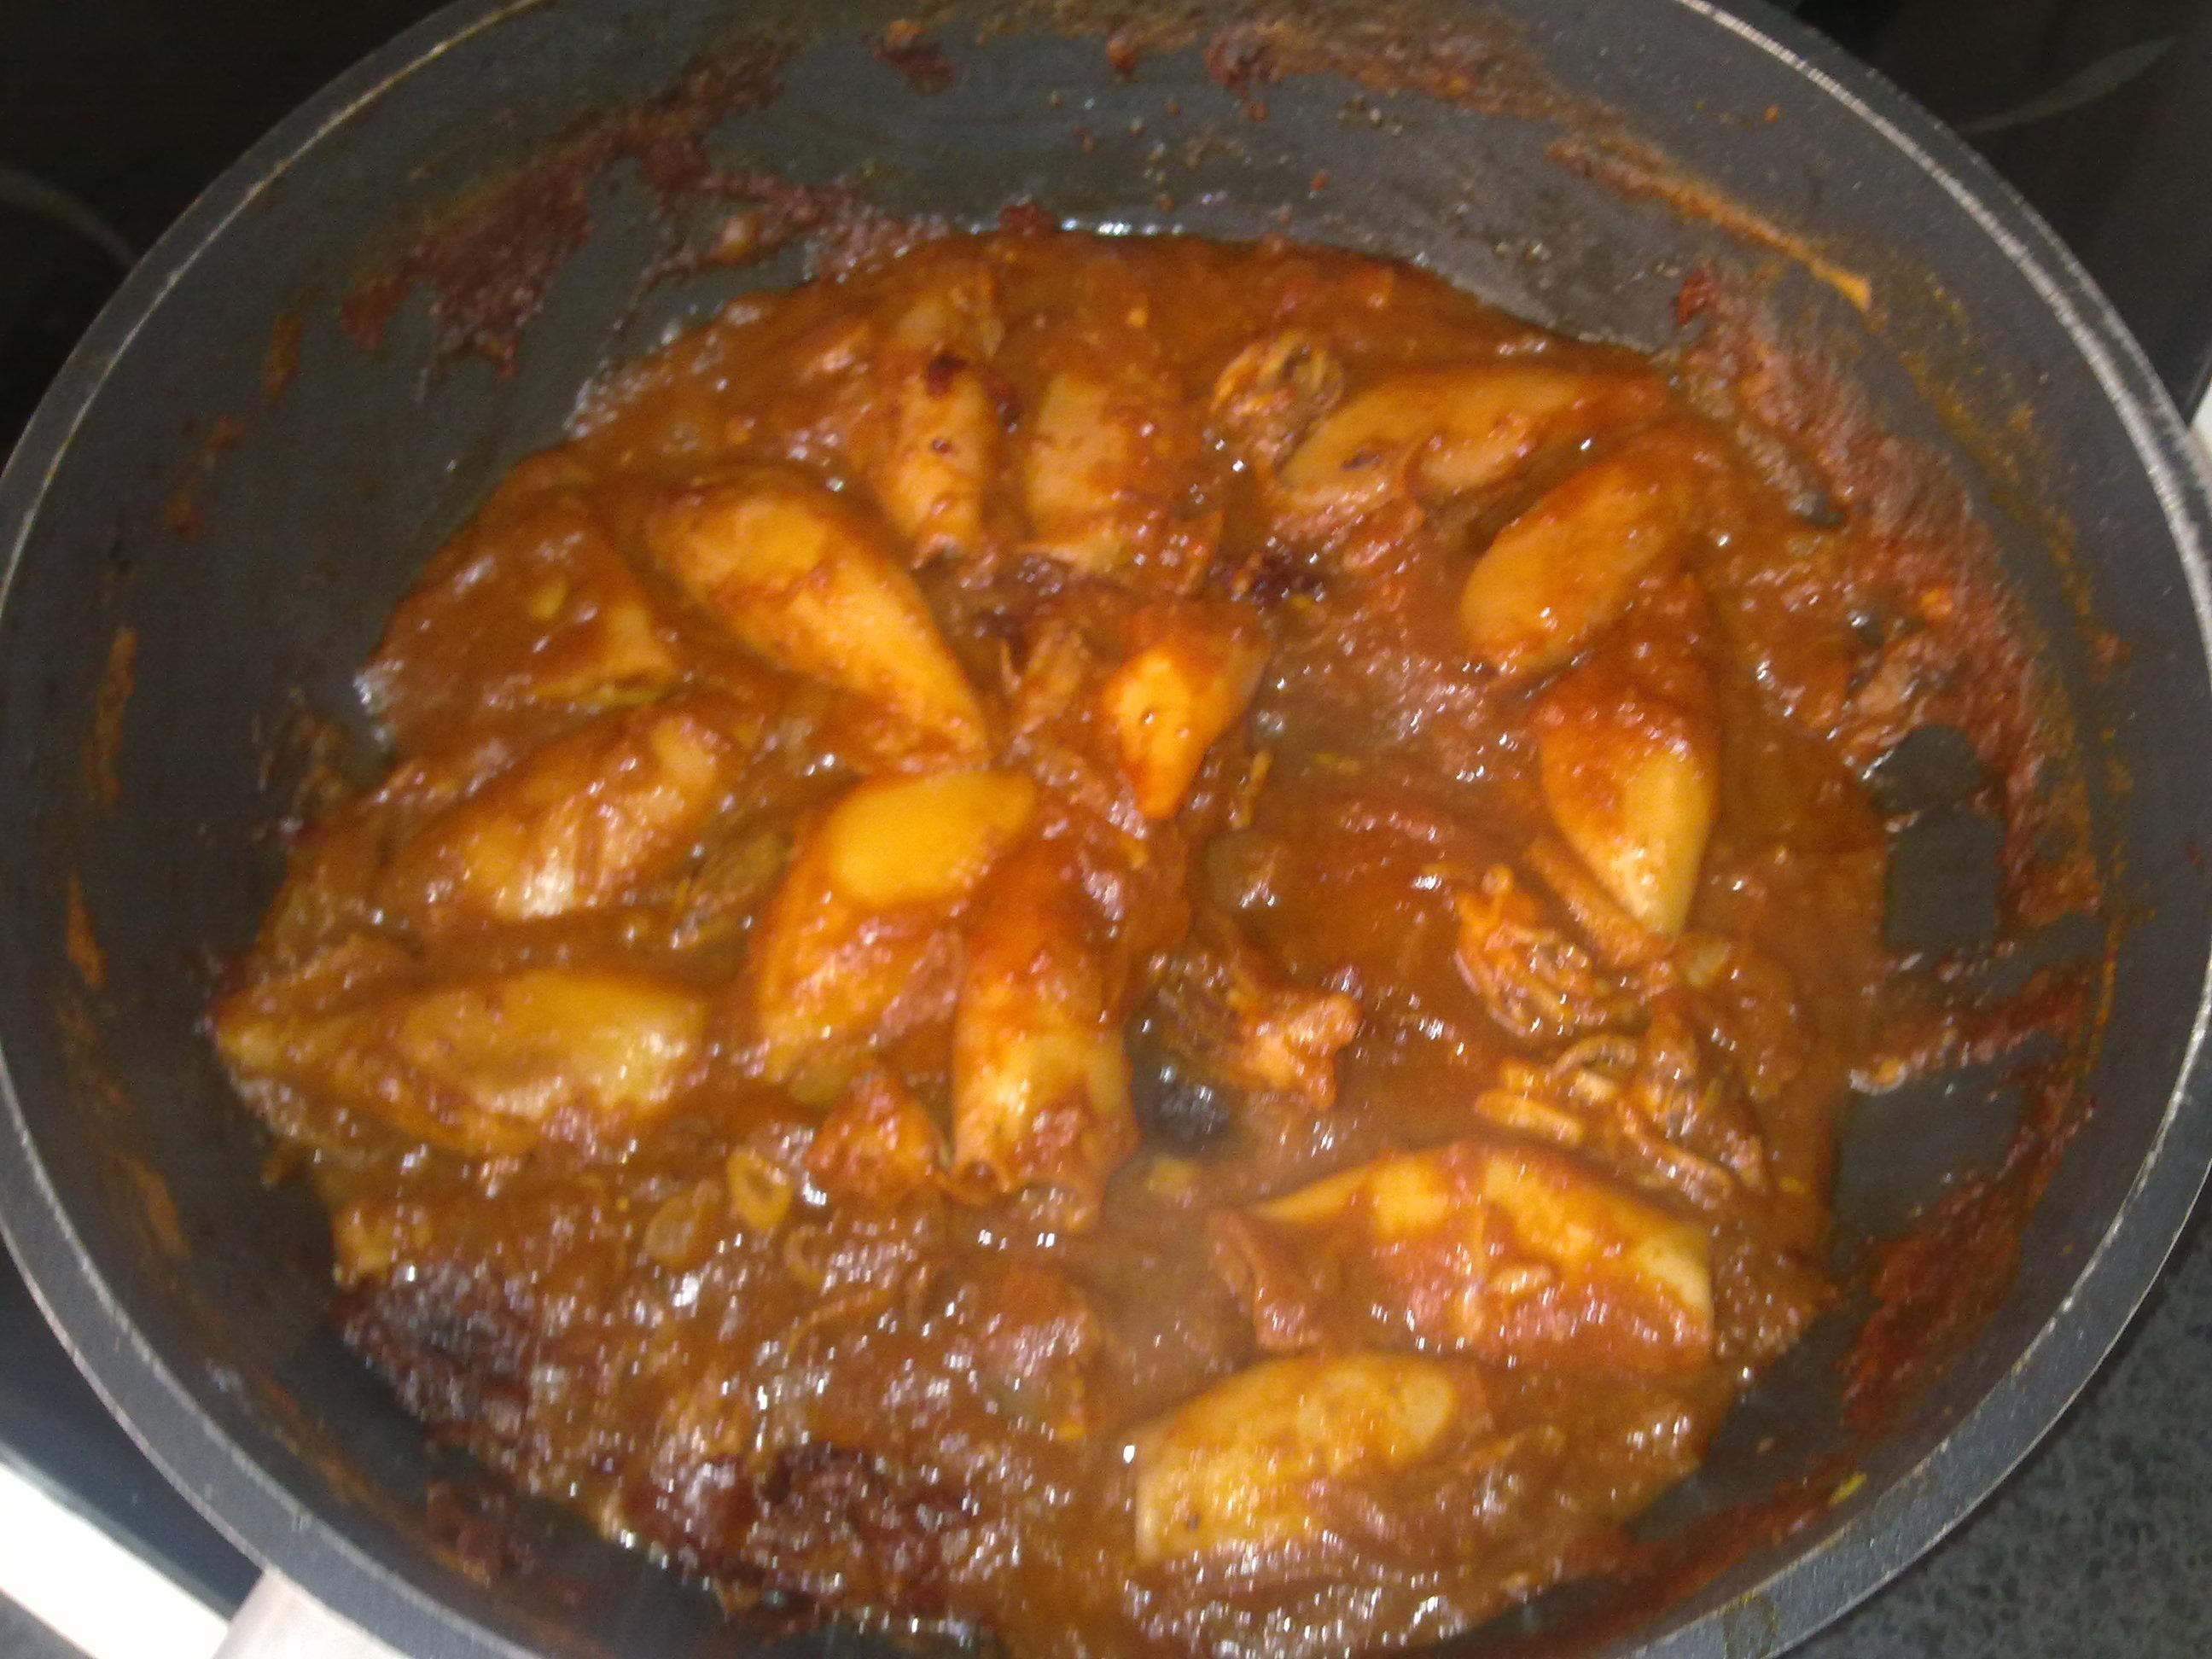 Hermoso cocinar chipirones galer a de im genes arroz con - Chipirones rellenos en salsa de tomate ...